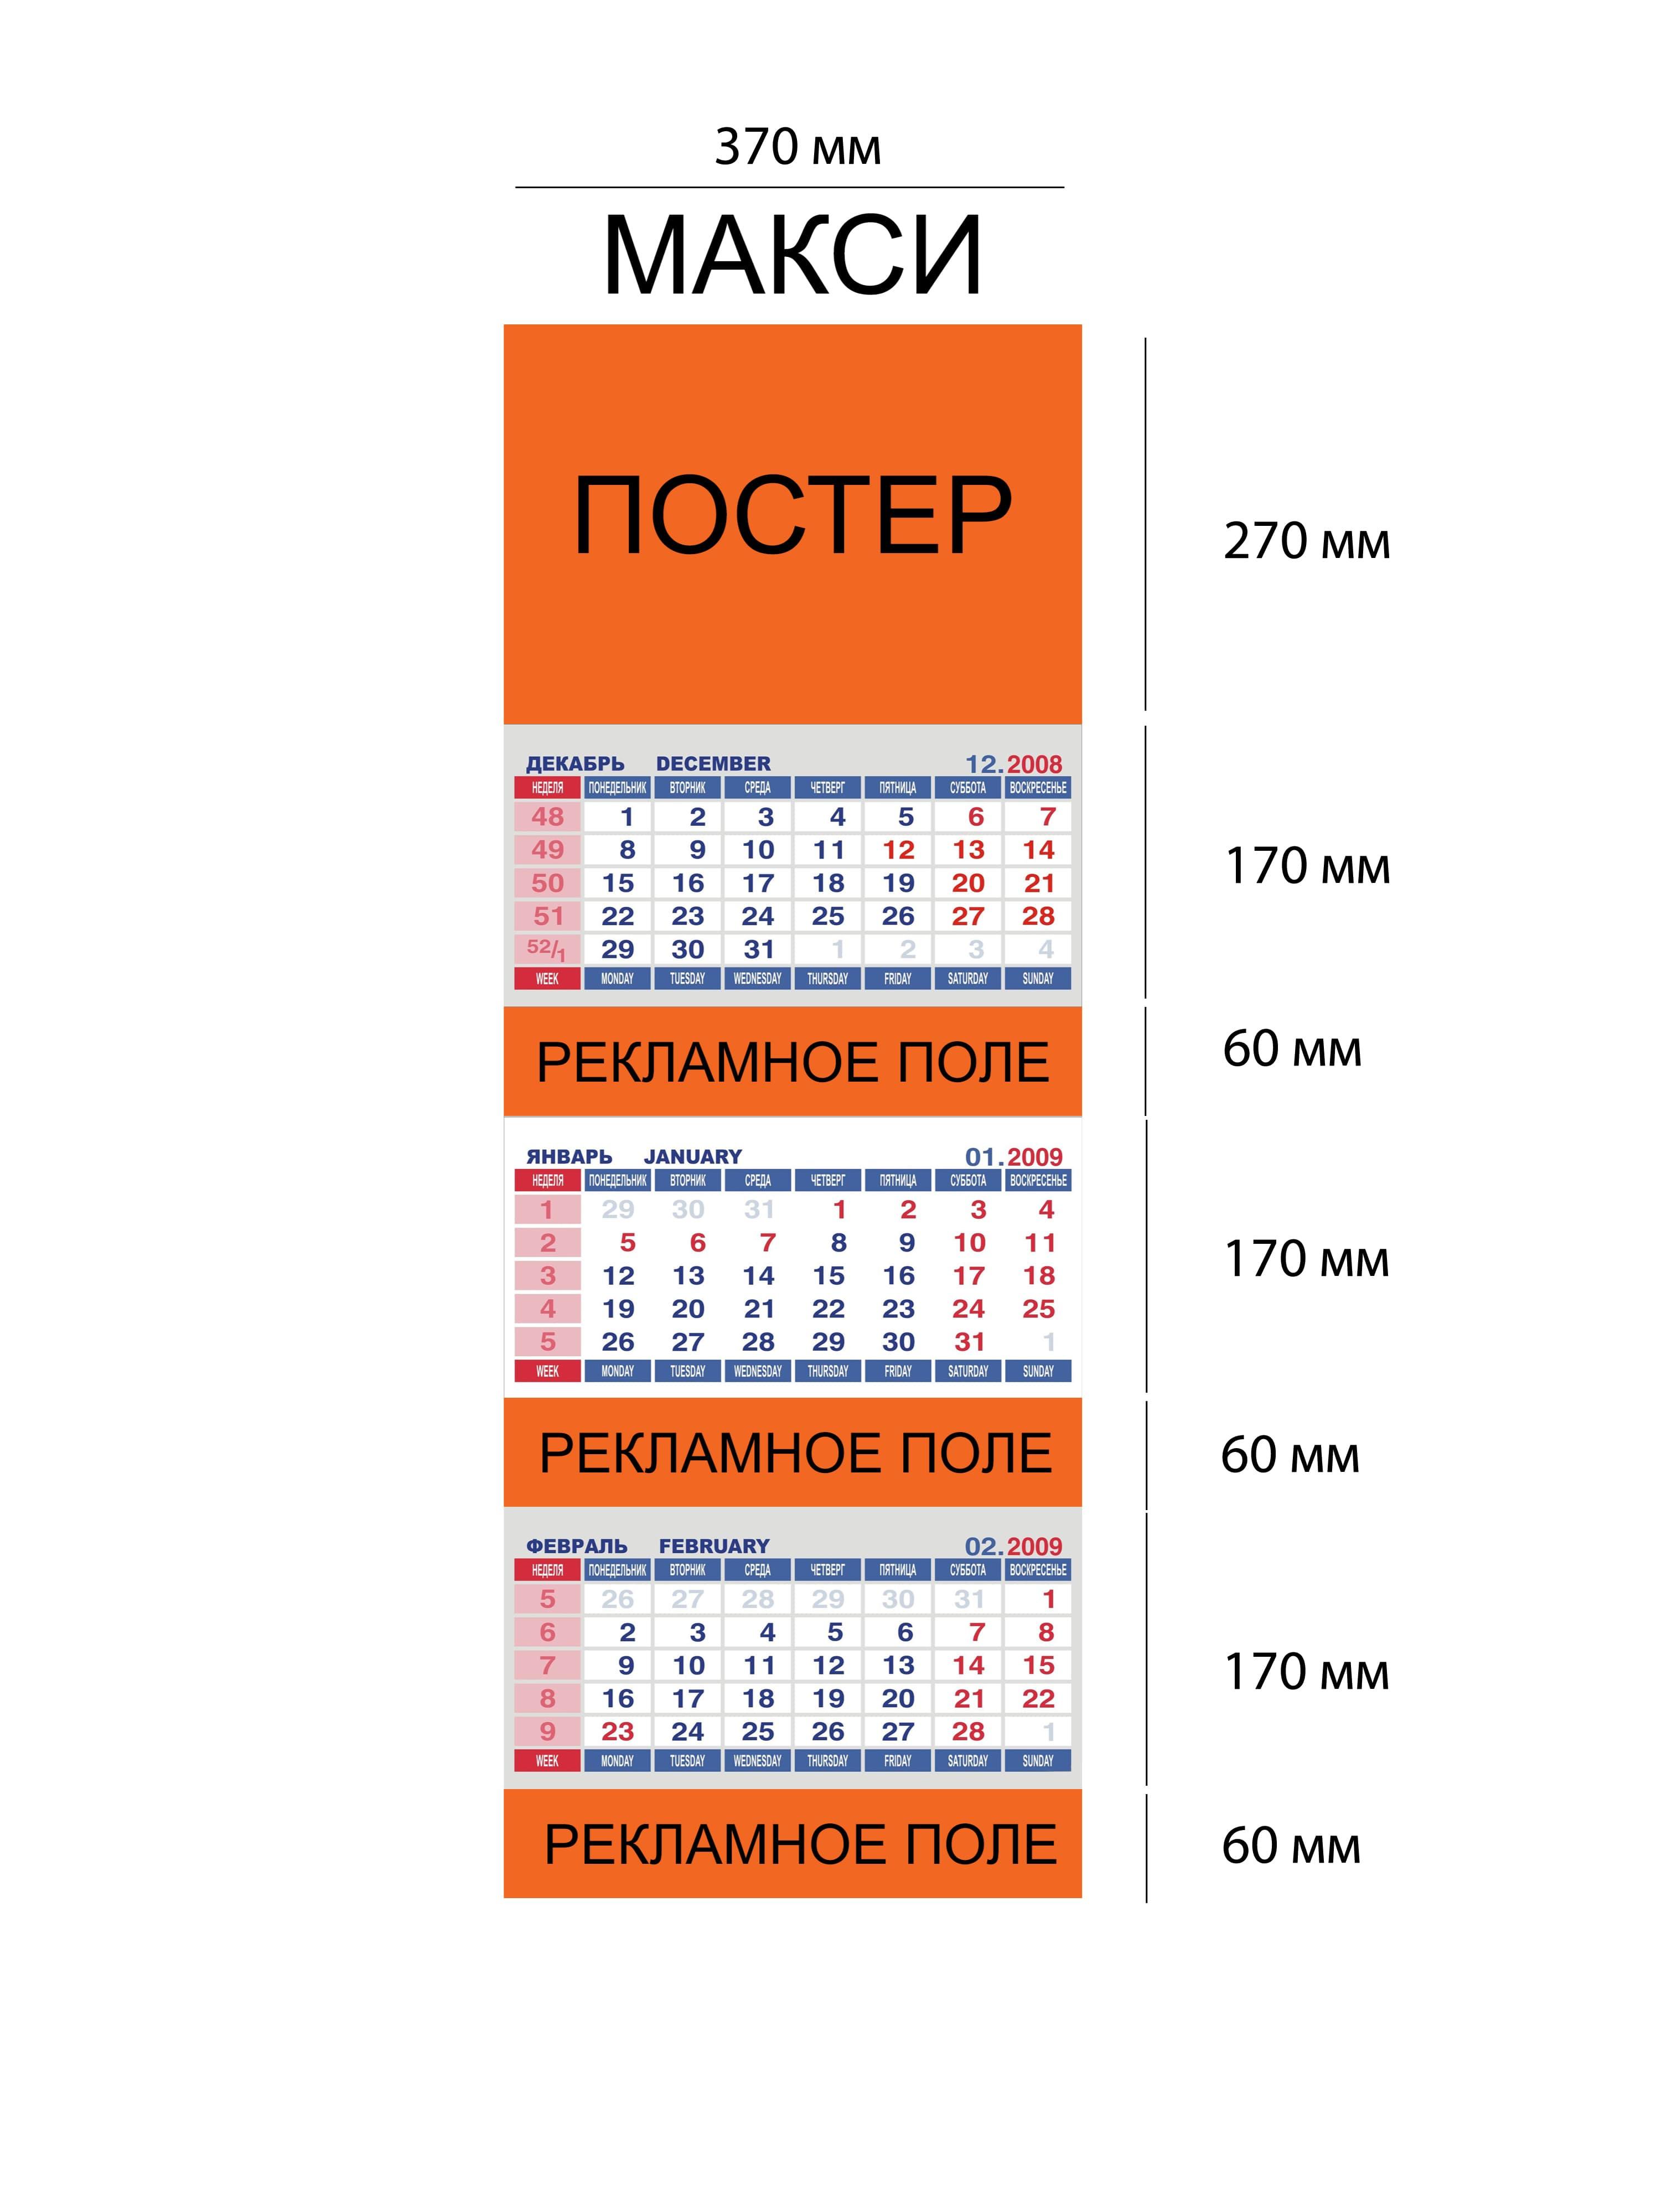 Квартальный календарь размера макси в типографии Формат